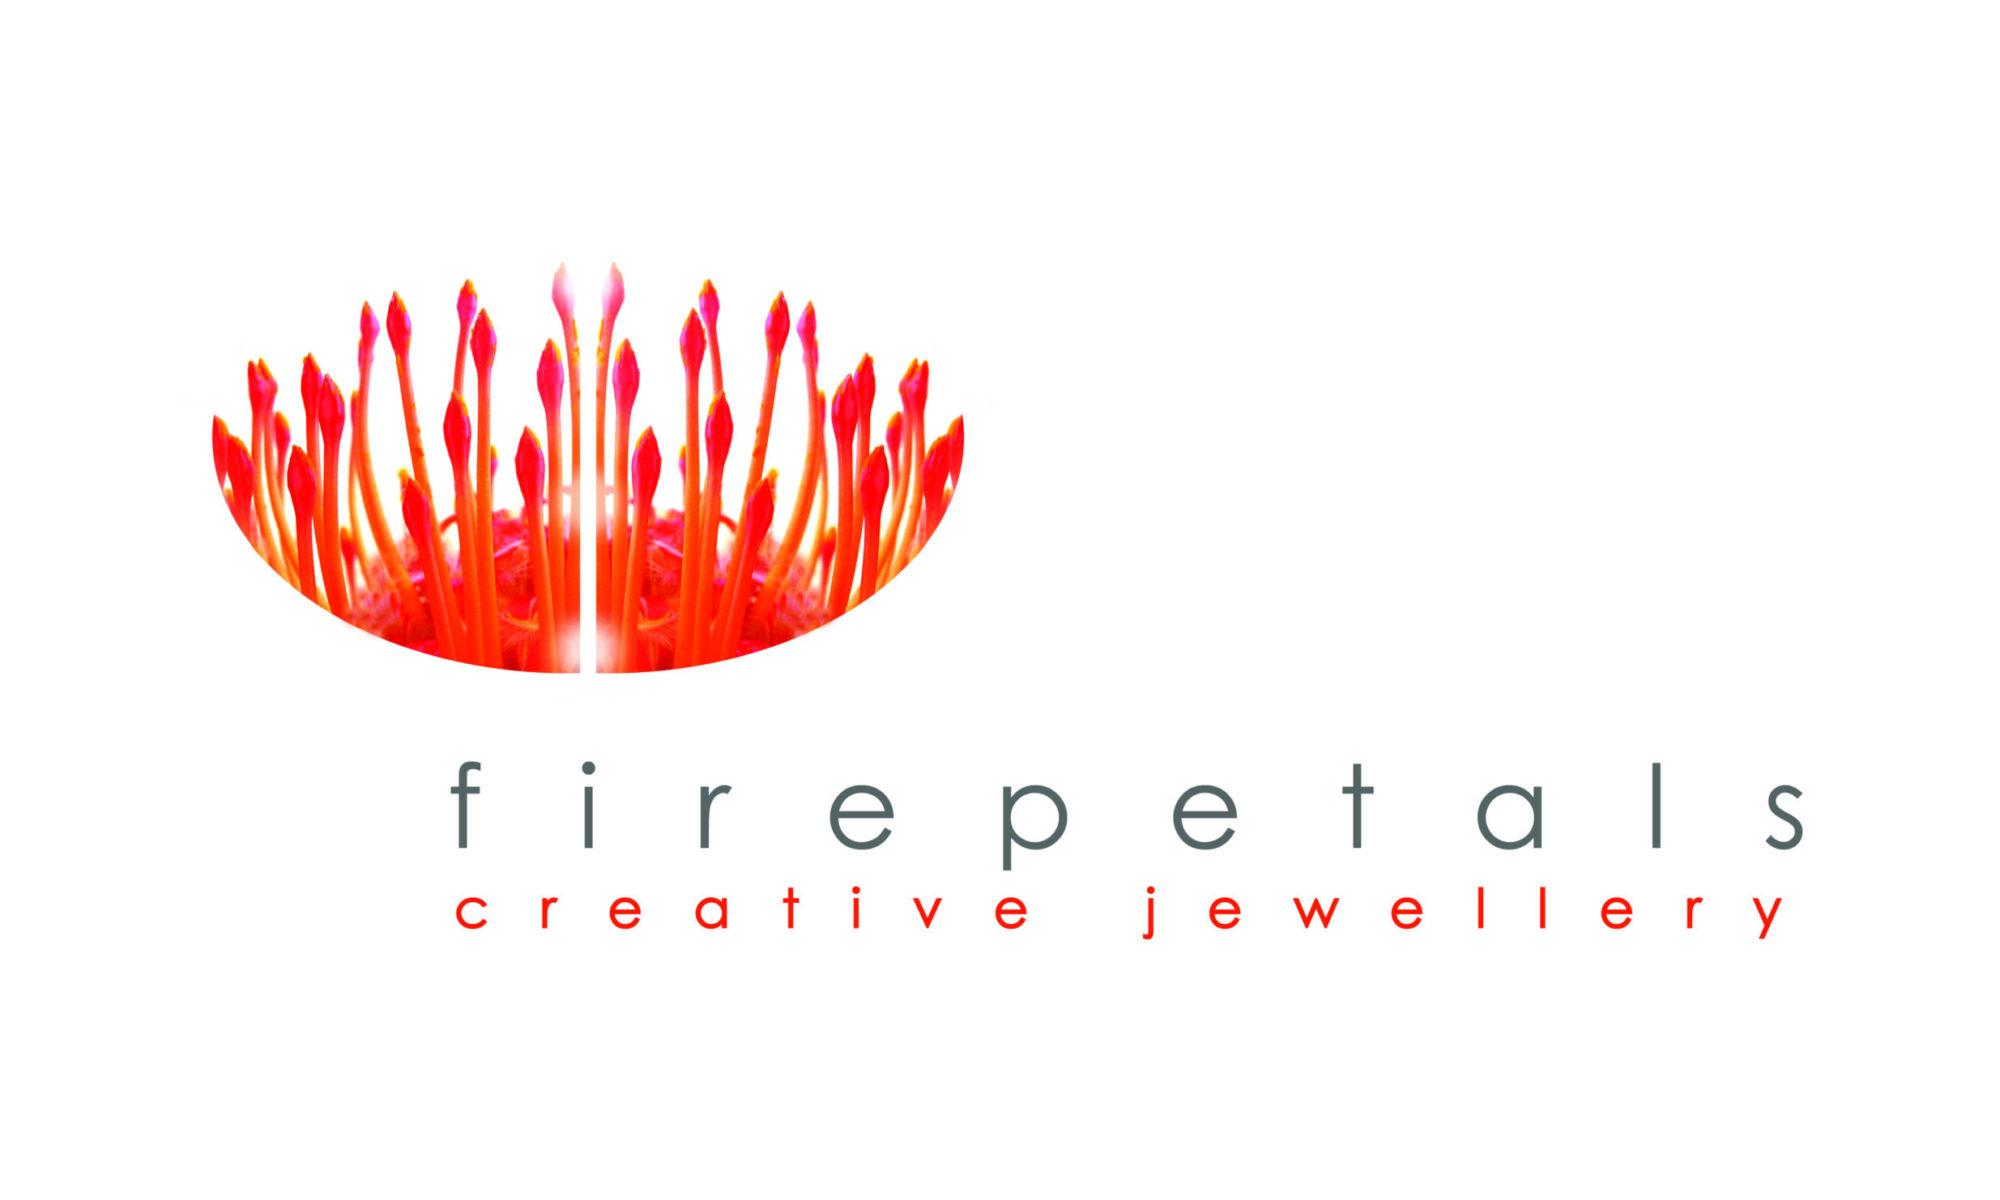 firepetals